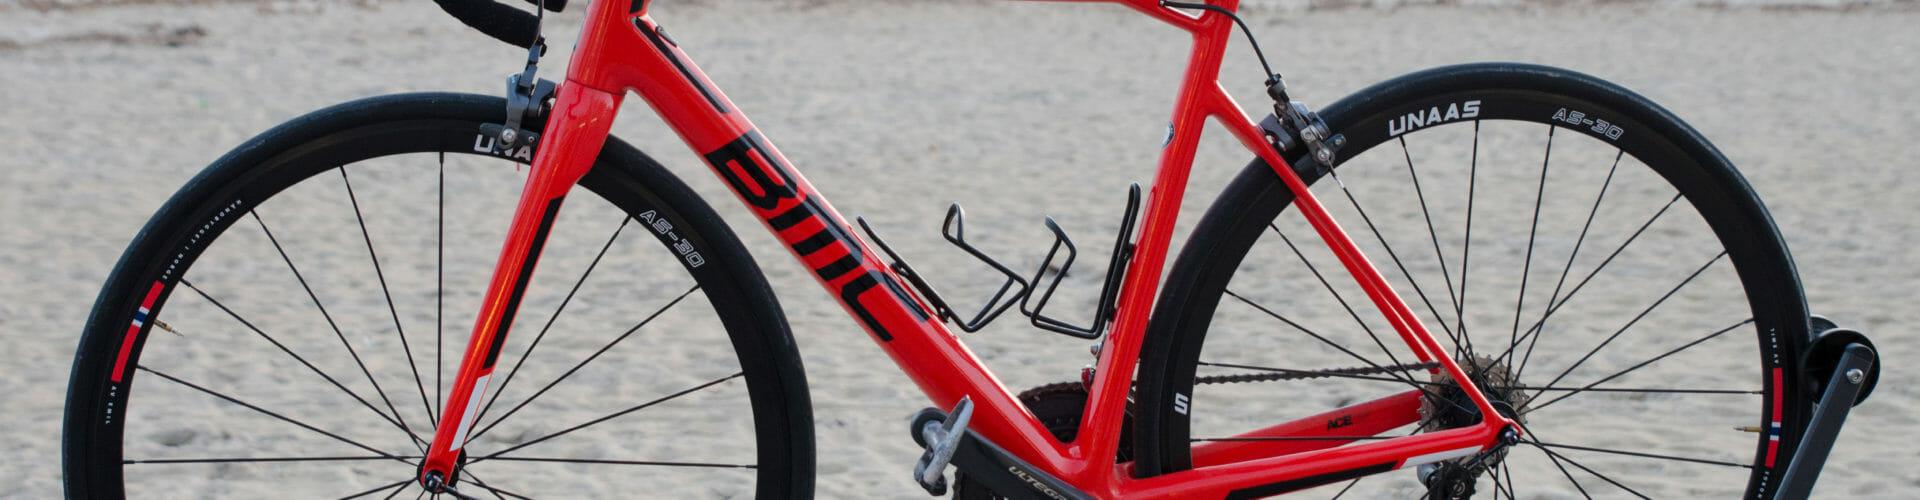 BMC Teammachine SLR01 Ultegra Di2 2016